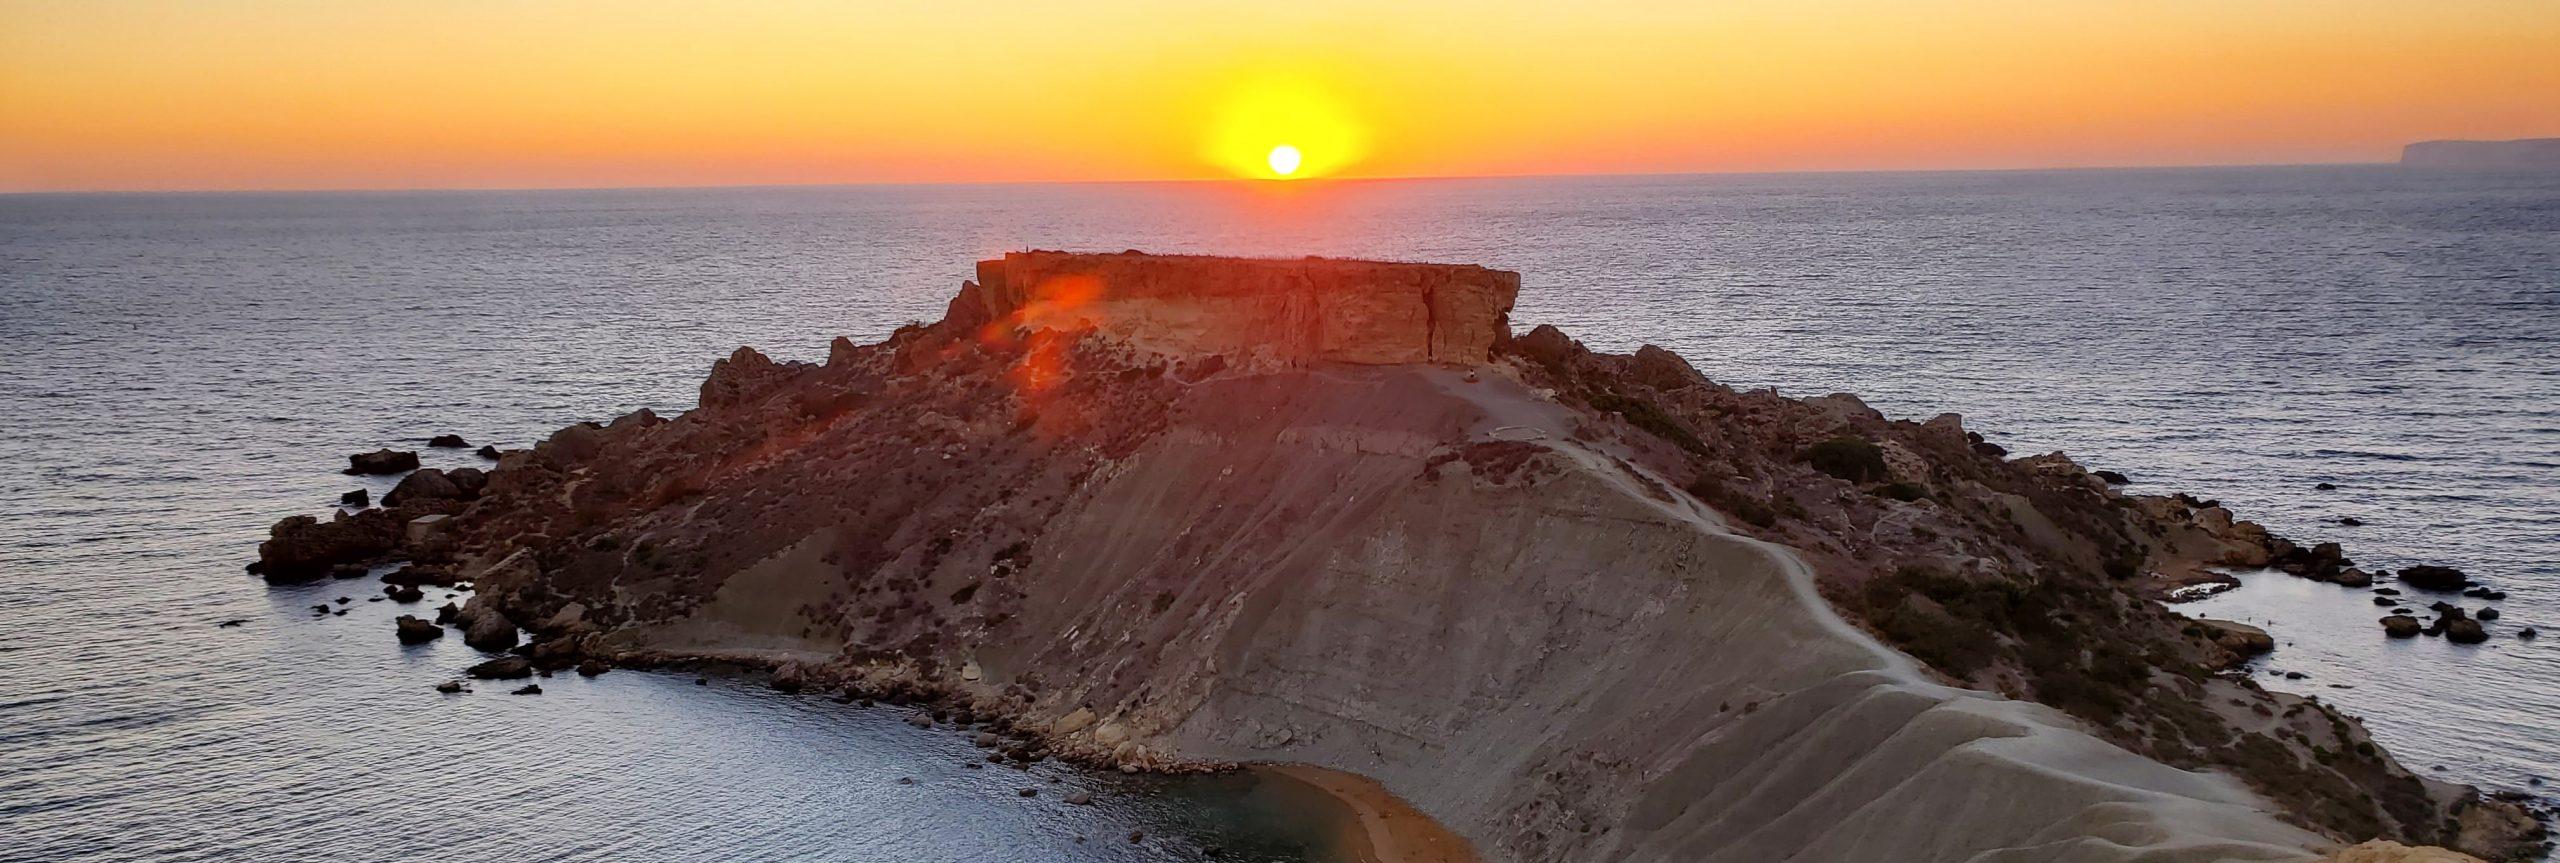 Malta vakantie - zonsondergang 1 - De Planeet Reizen